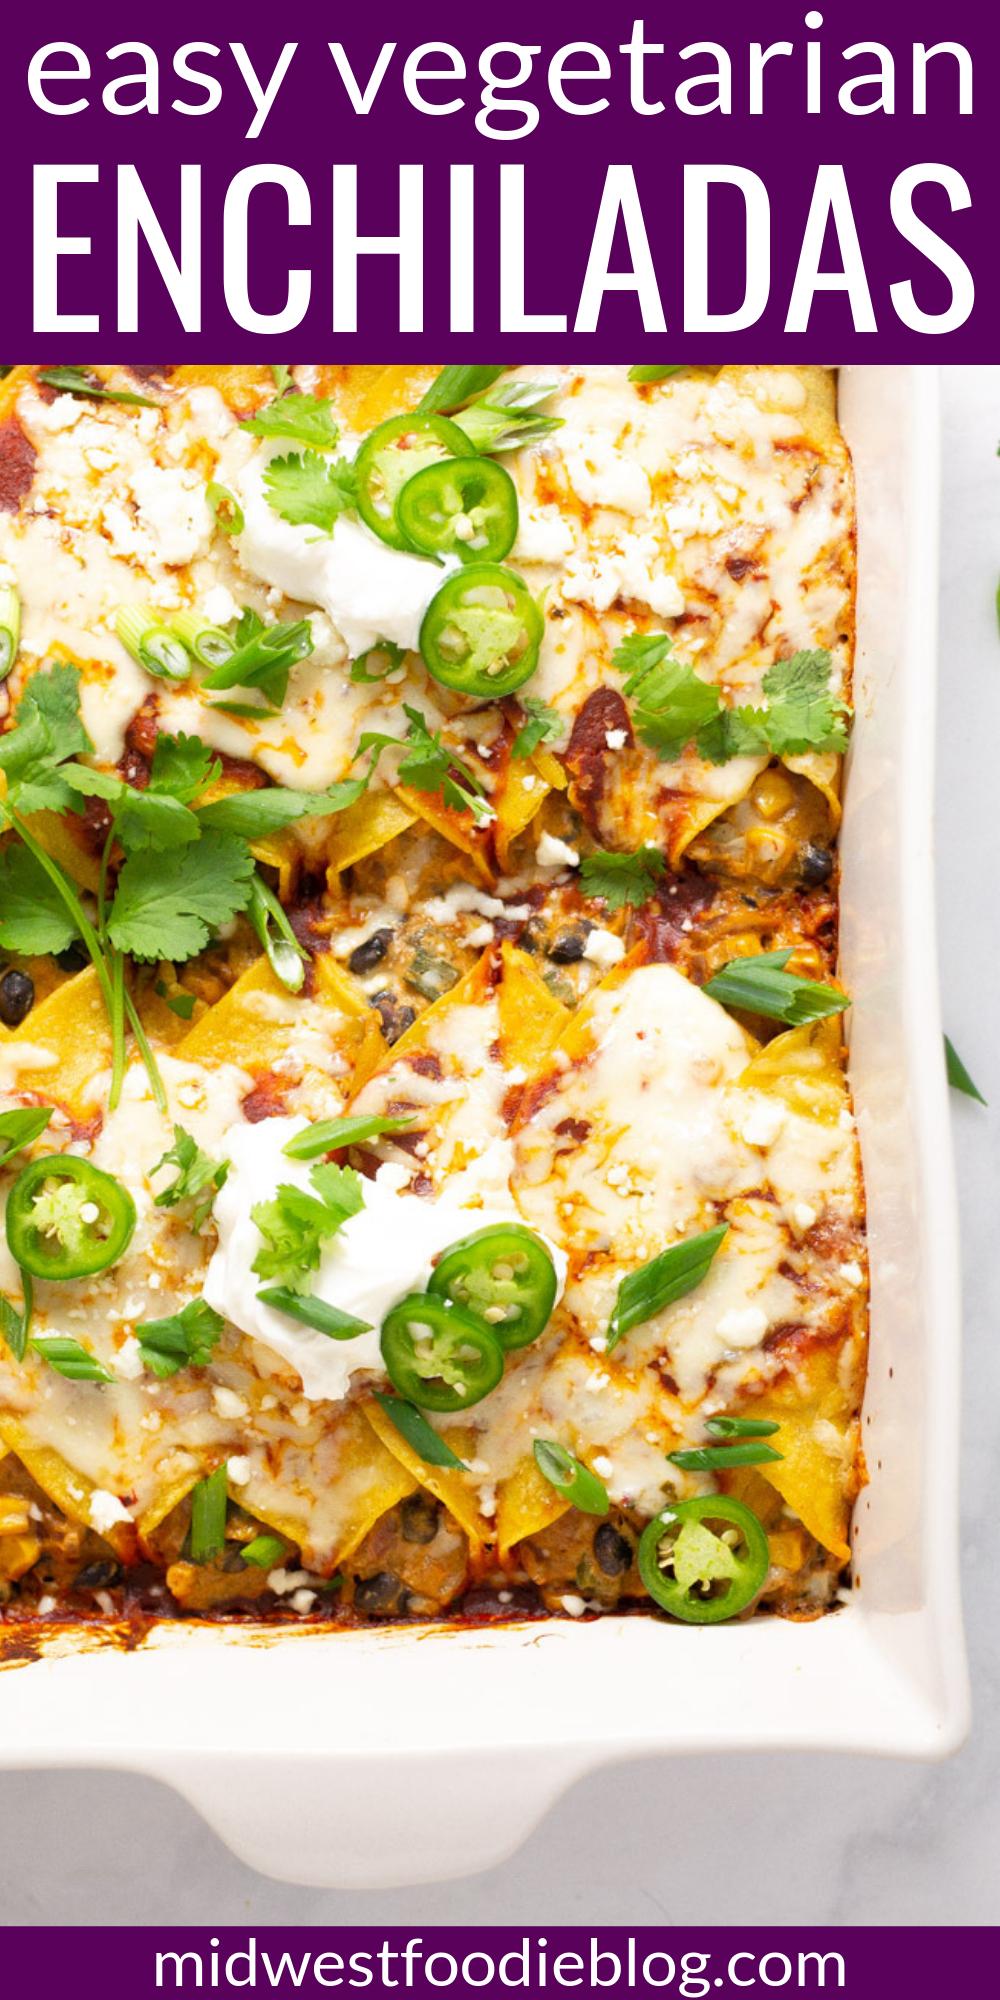 My Favorite Veggie Enchiladas images